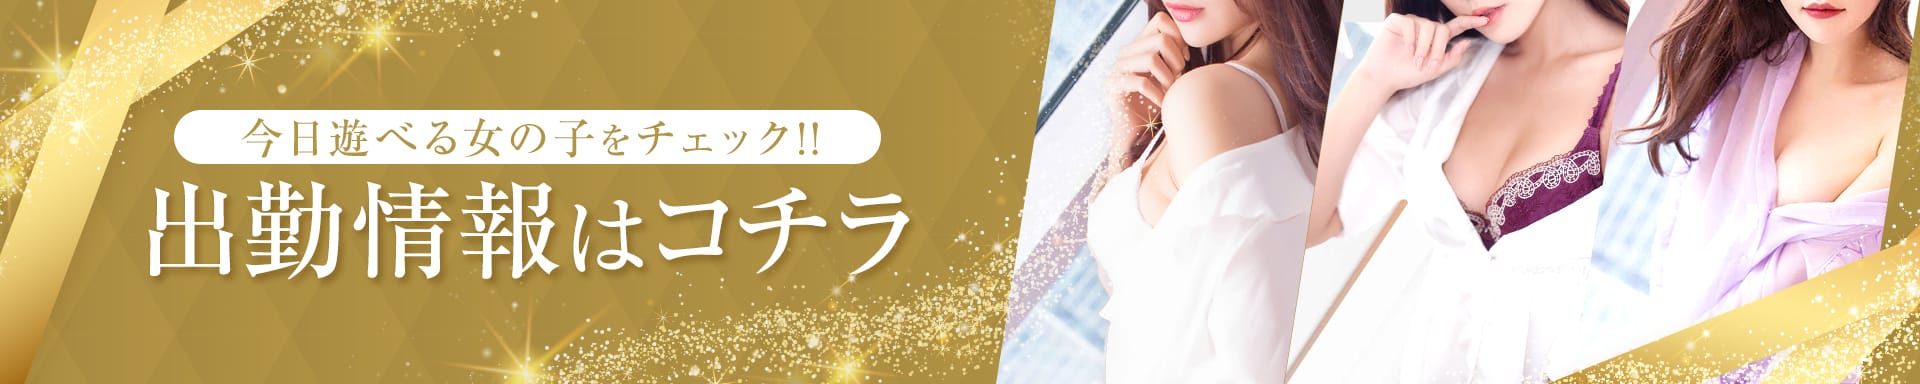 ほんとうの人妻 横浜本店(FG系列) その2